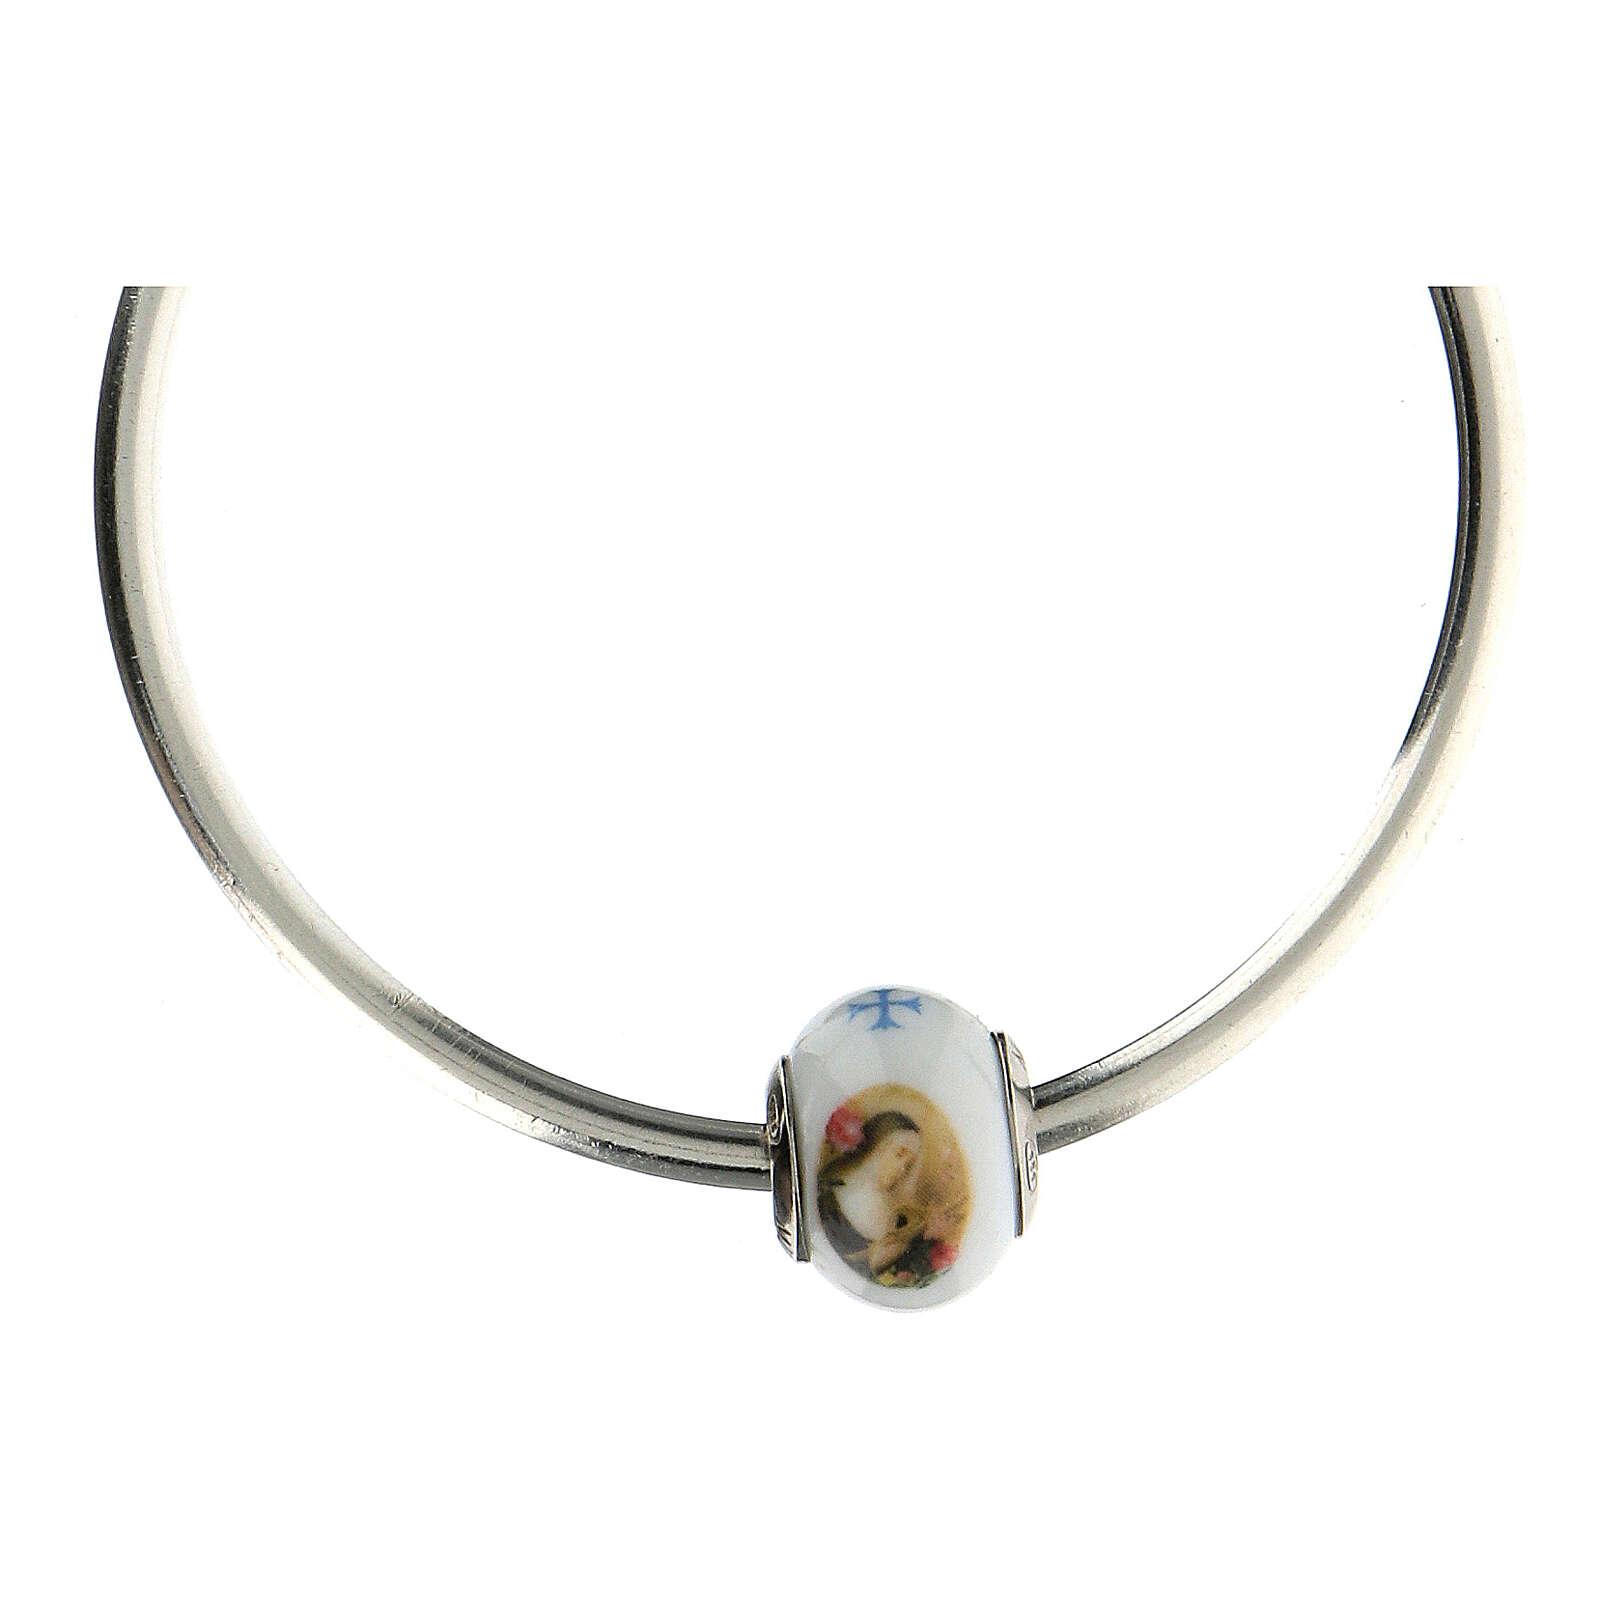 Pendentif charm Sainte Rita pour bracelets verre Murano argent 925 4